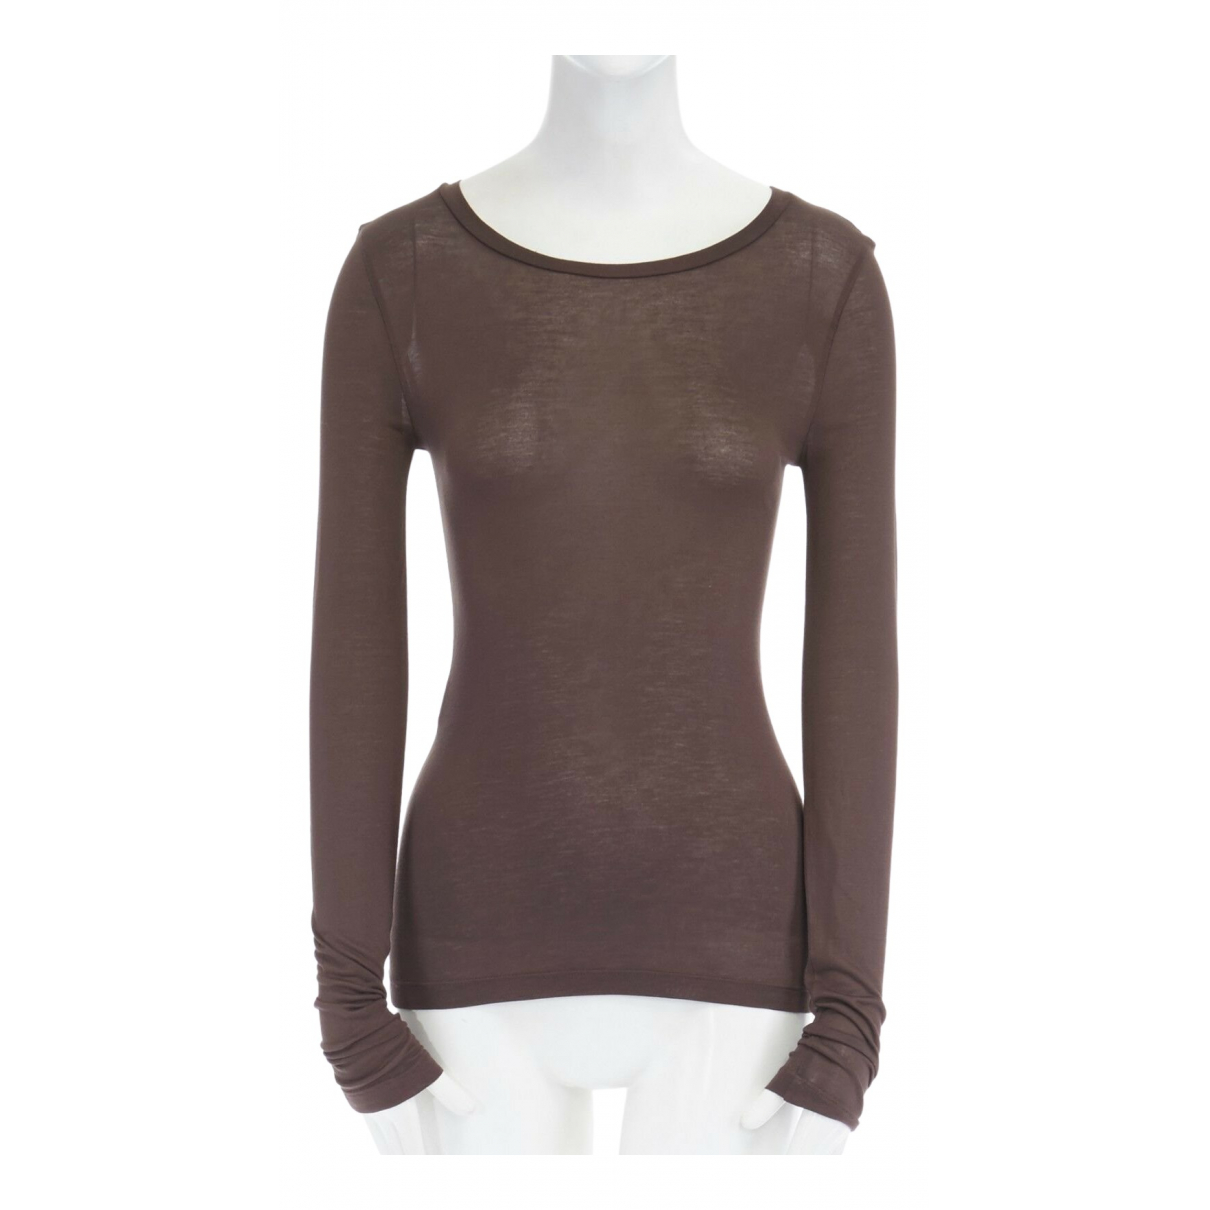 Michael Kors - Top   pour femme en coton - marron